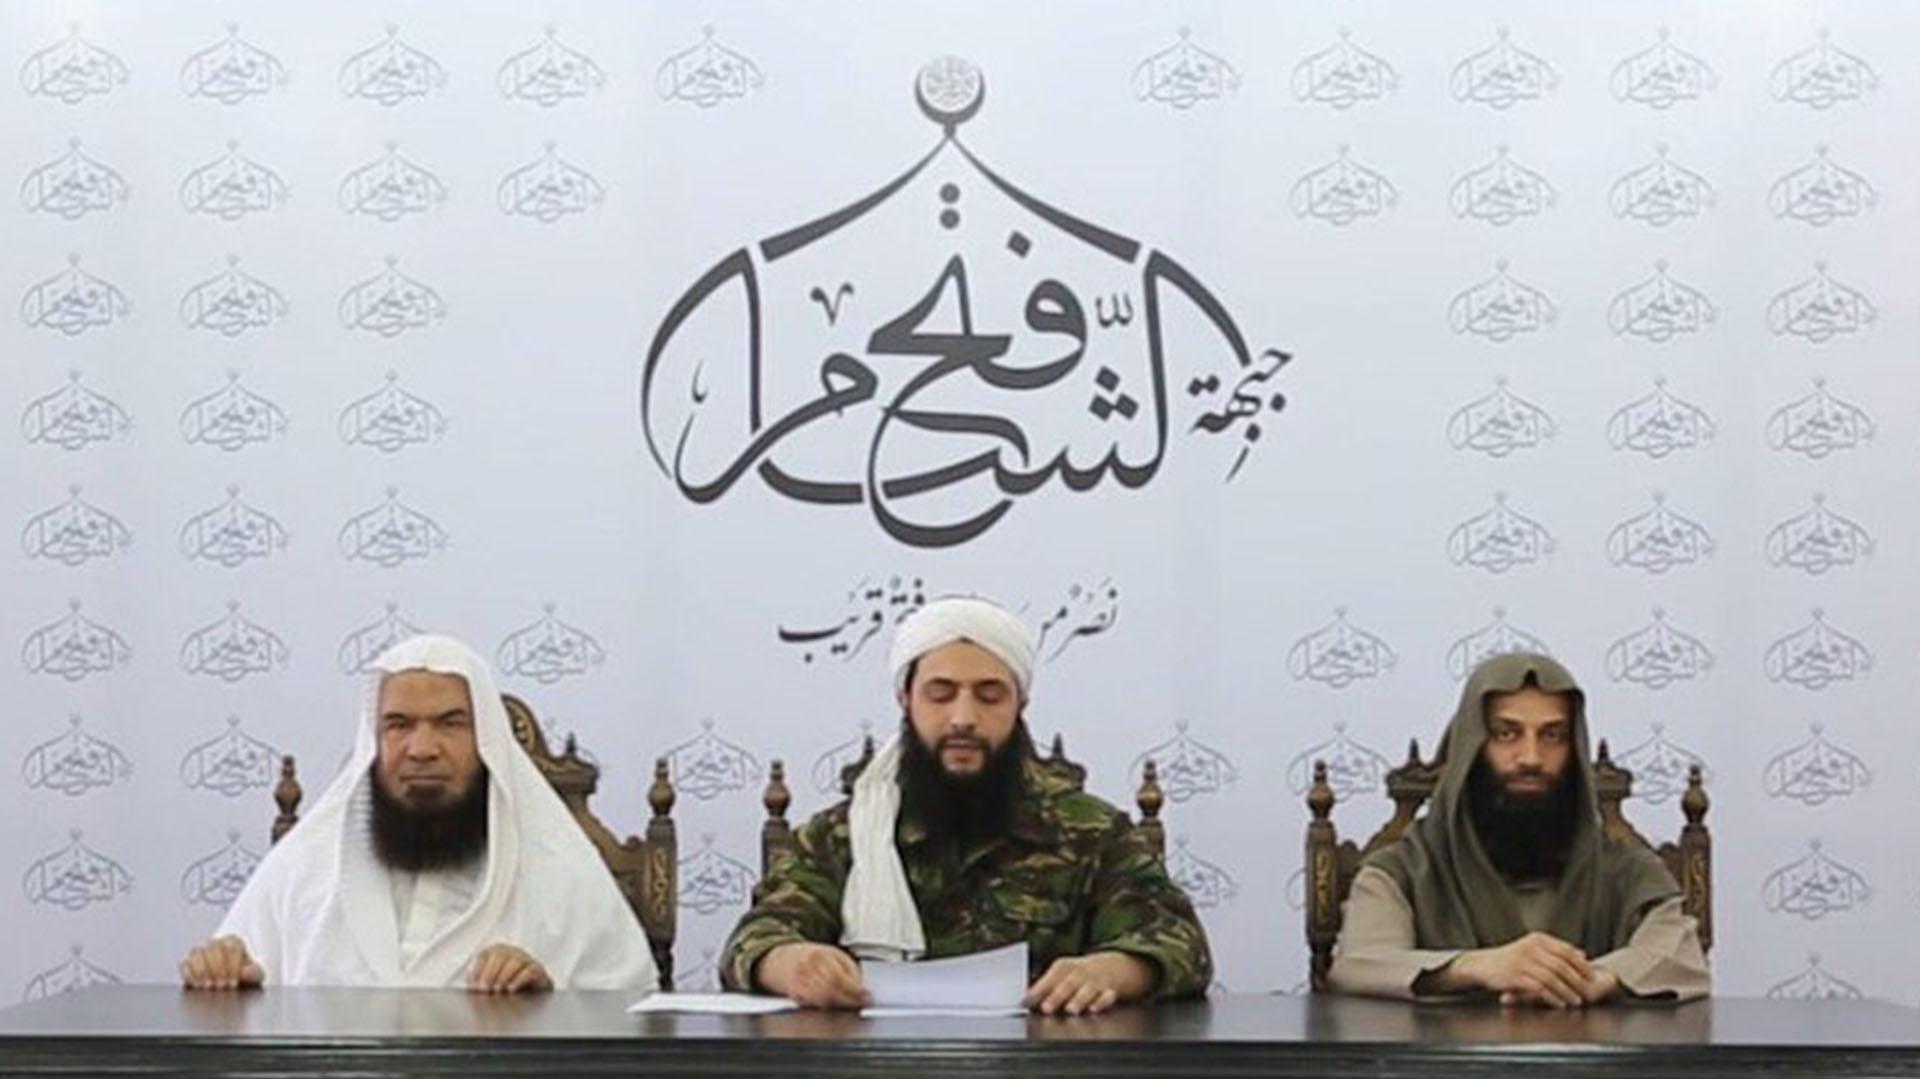 Dirigentes del Frente al Nusra difundieron un mensaje grabado para anunciar su ruptura con Al Qaeda (@jenanmoussa)